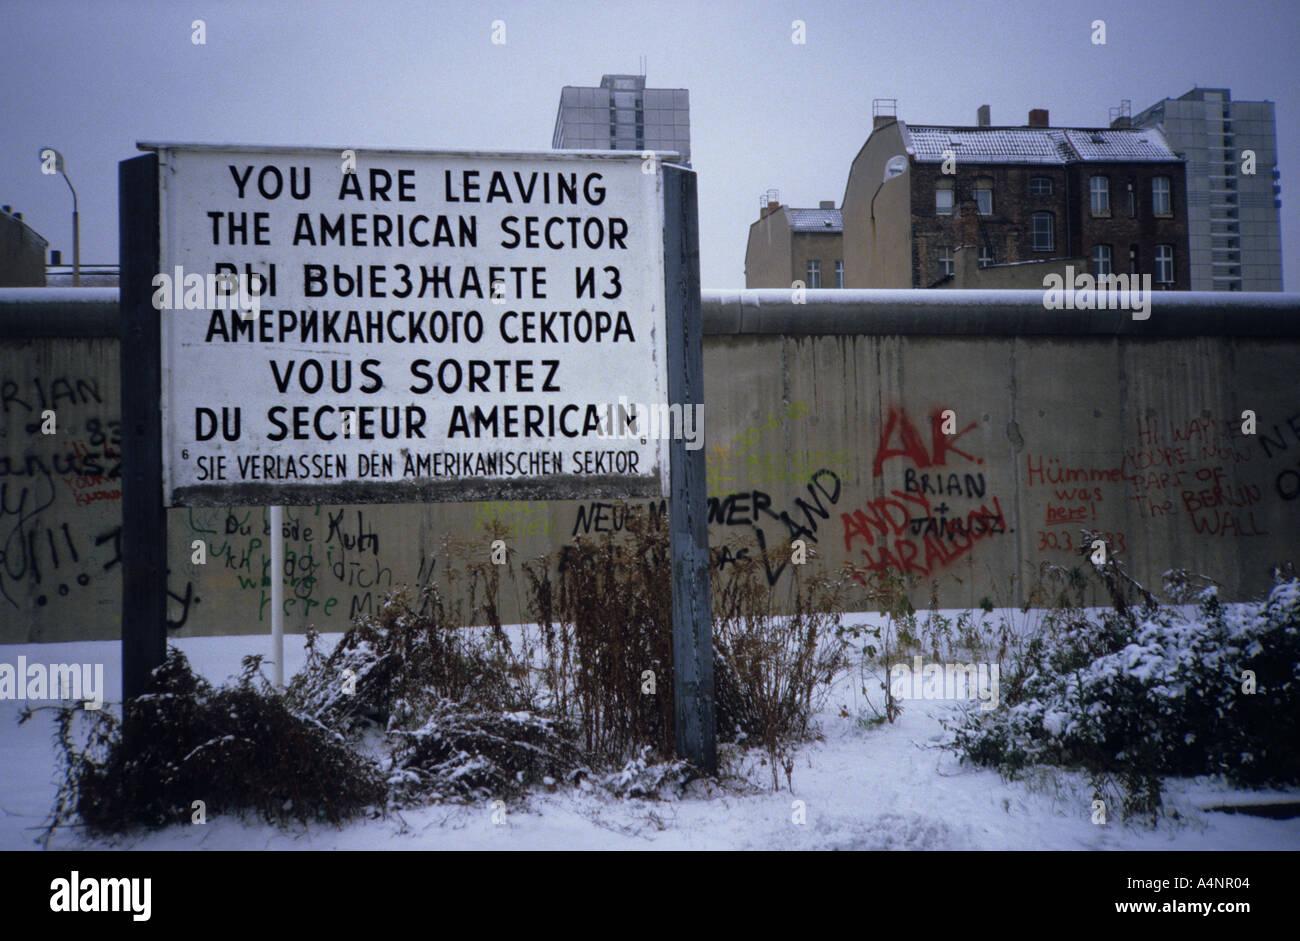 Mur de Berlin en 1984. Inscrivez-vous quittez le secteur américain. Rideau de fer durant la guerre froide Photo Stock